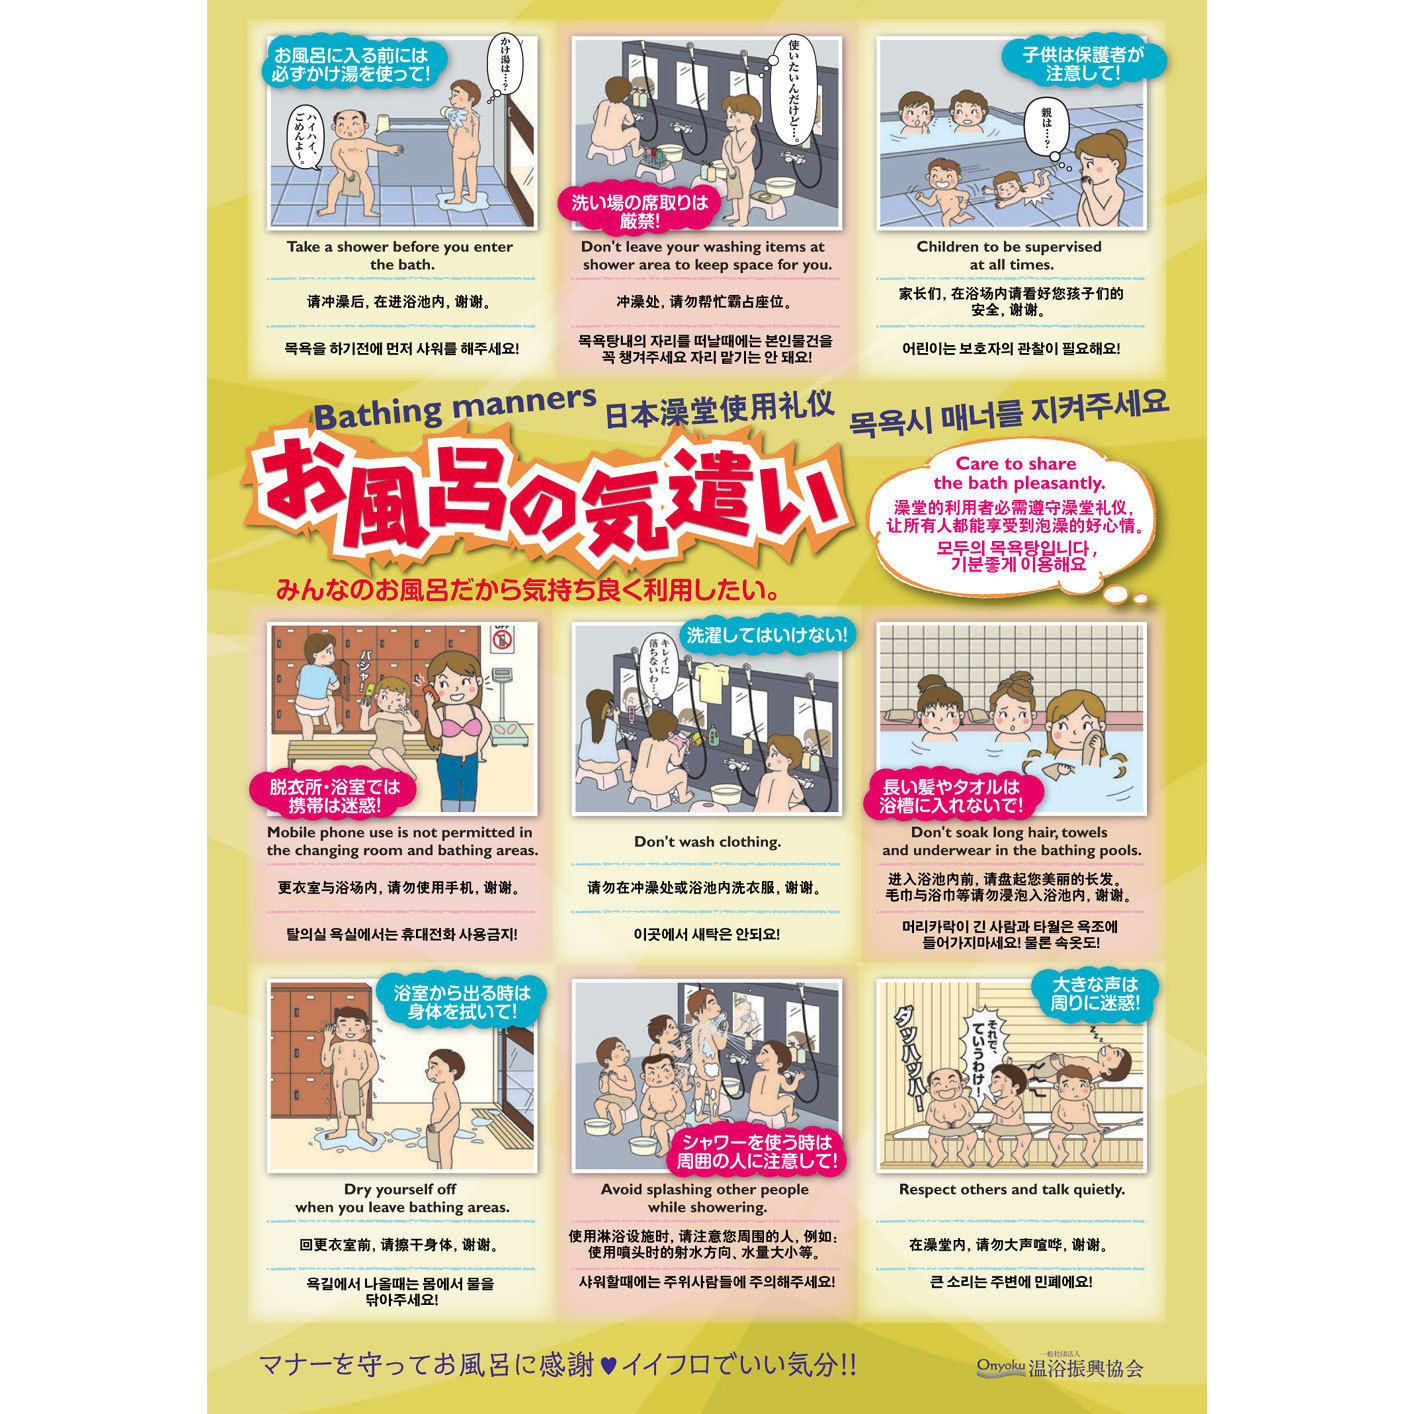 「ゆーゆオリジナルお風呂のマナーポスター・インバウンド向け」Aセット(2枚セット)